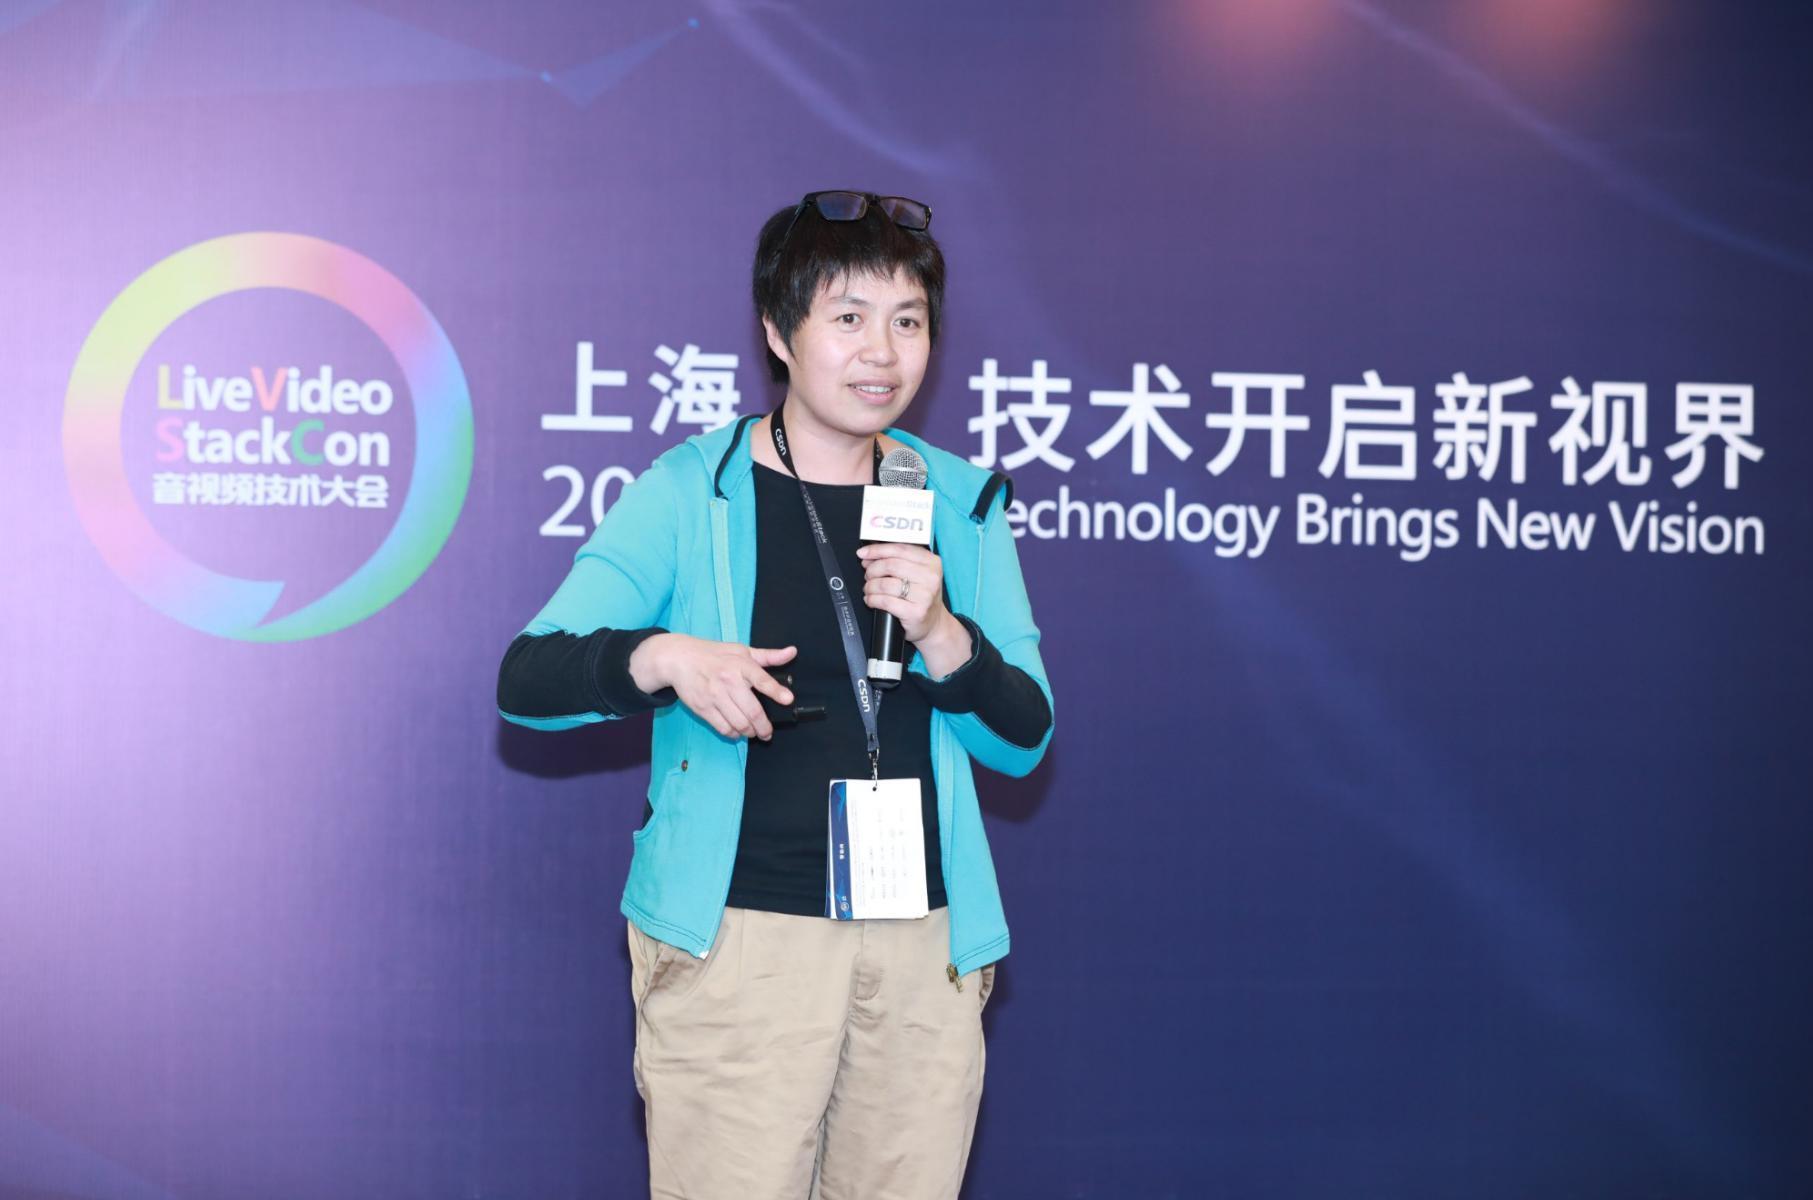 微帧科技,AI+乐享牛牛棋牌,开元棋牌游戏,棋牌现金手机版视频编码技术创新探索极致视觉体验